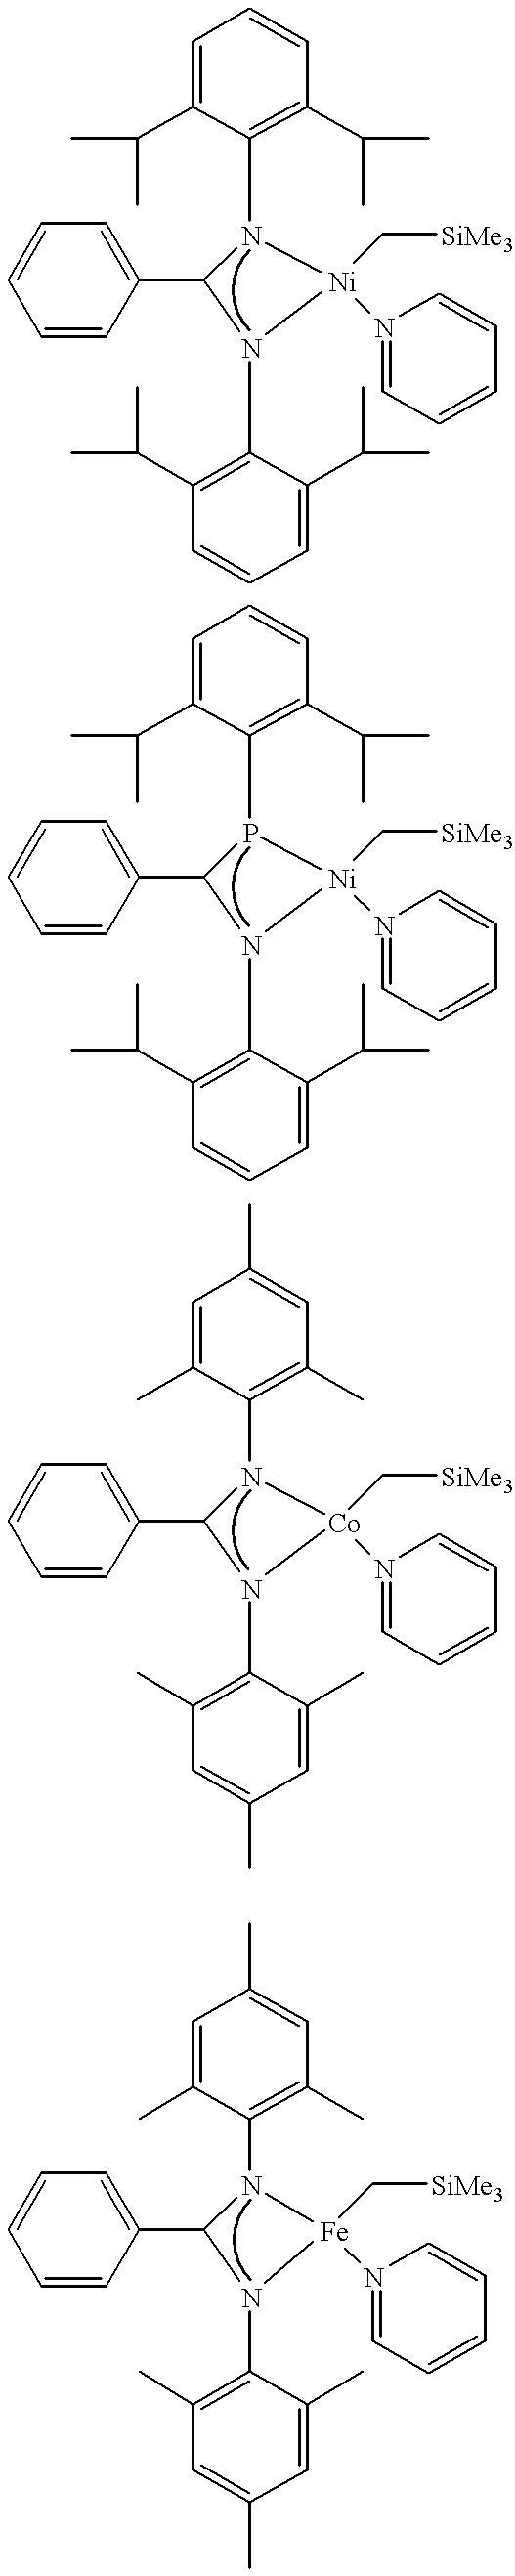 Figure US06242623-20010605-C00023